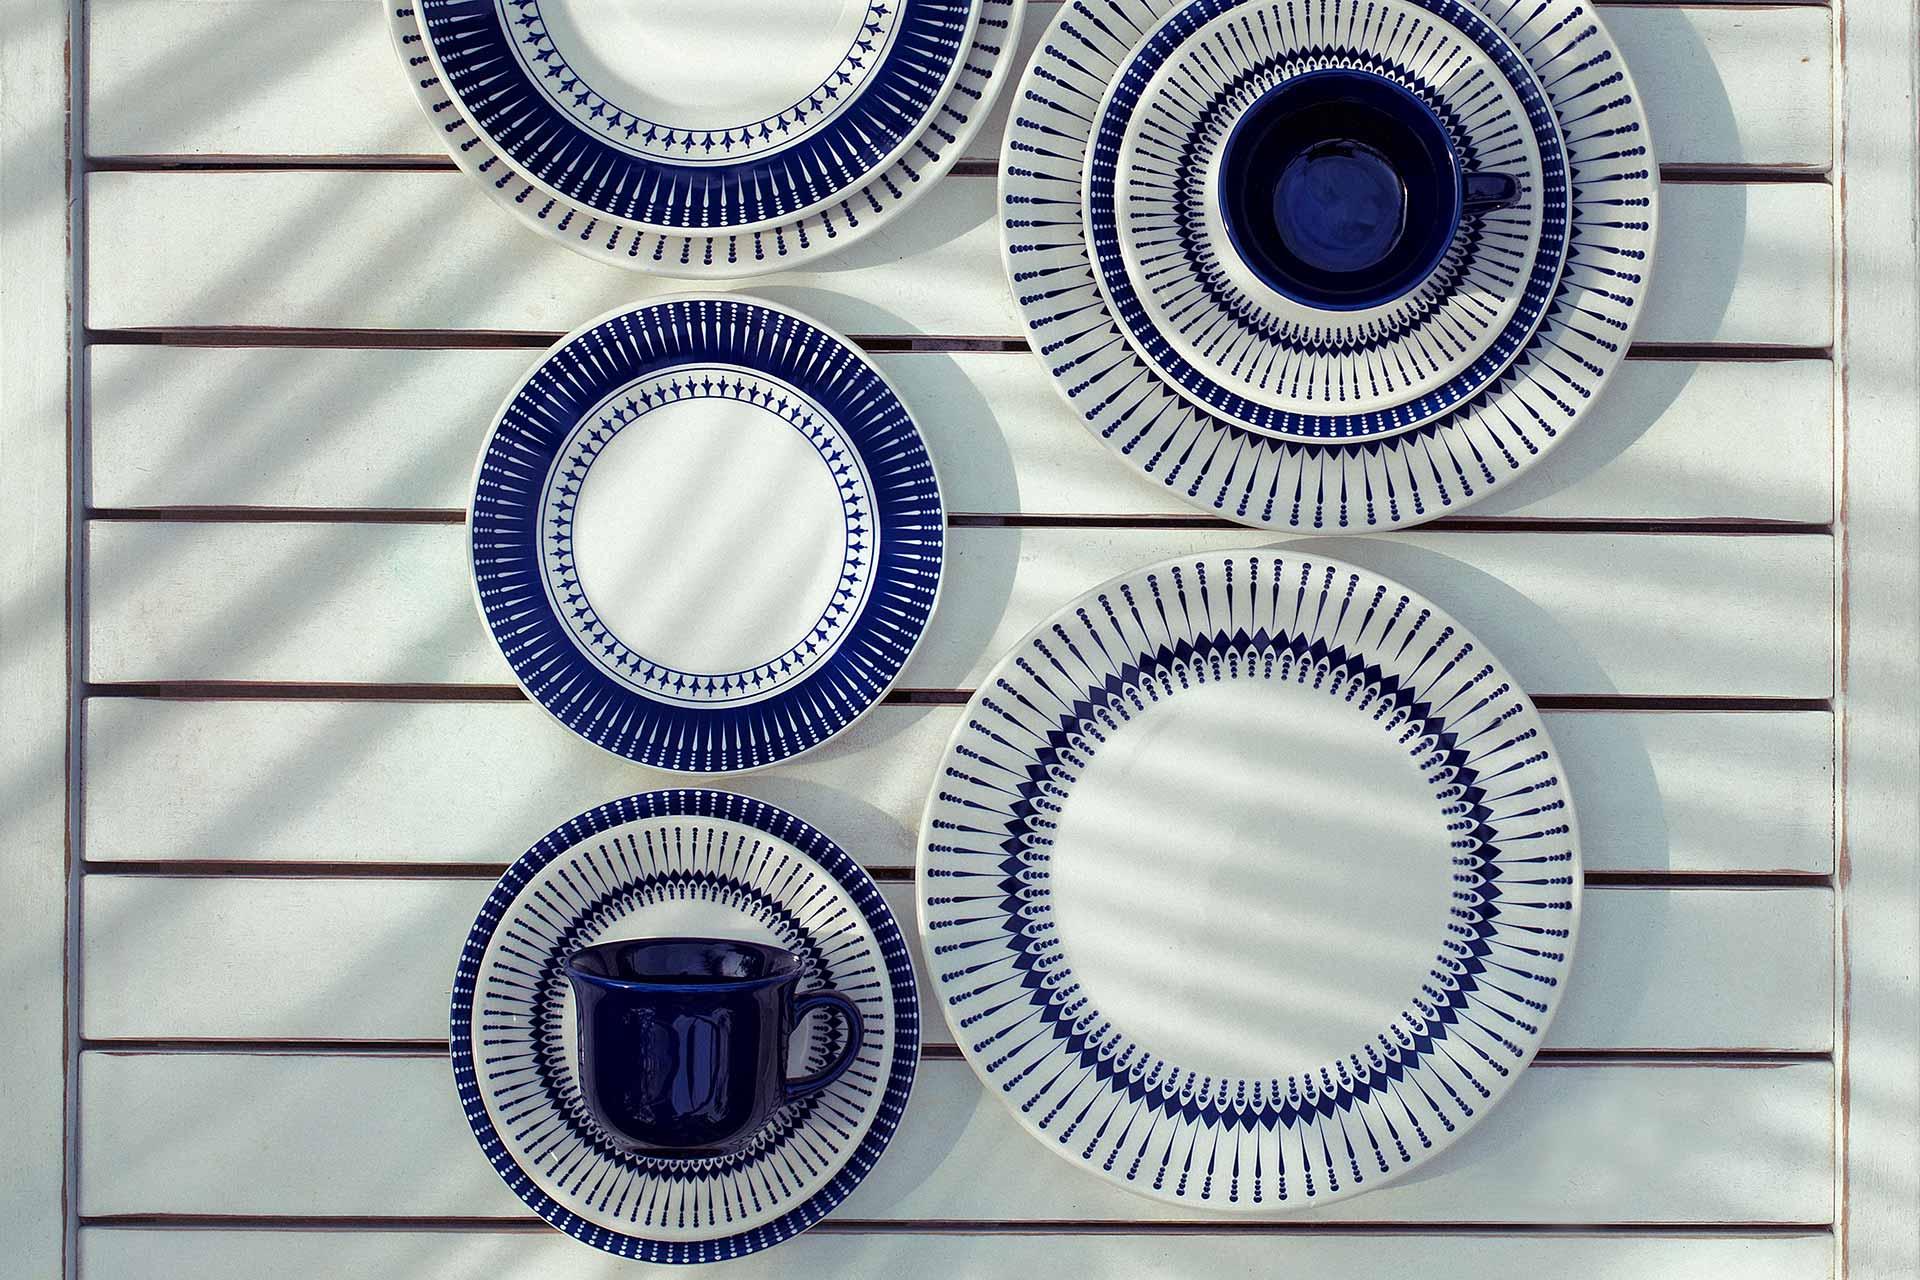 Imagem: O aparelho de jantar Colb está disponível em versões de 20 e 30 peças. Também é possível comprar conjuntos de pratos e xícaras de chá e de café.